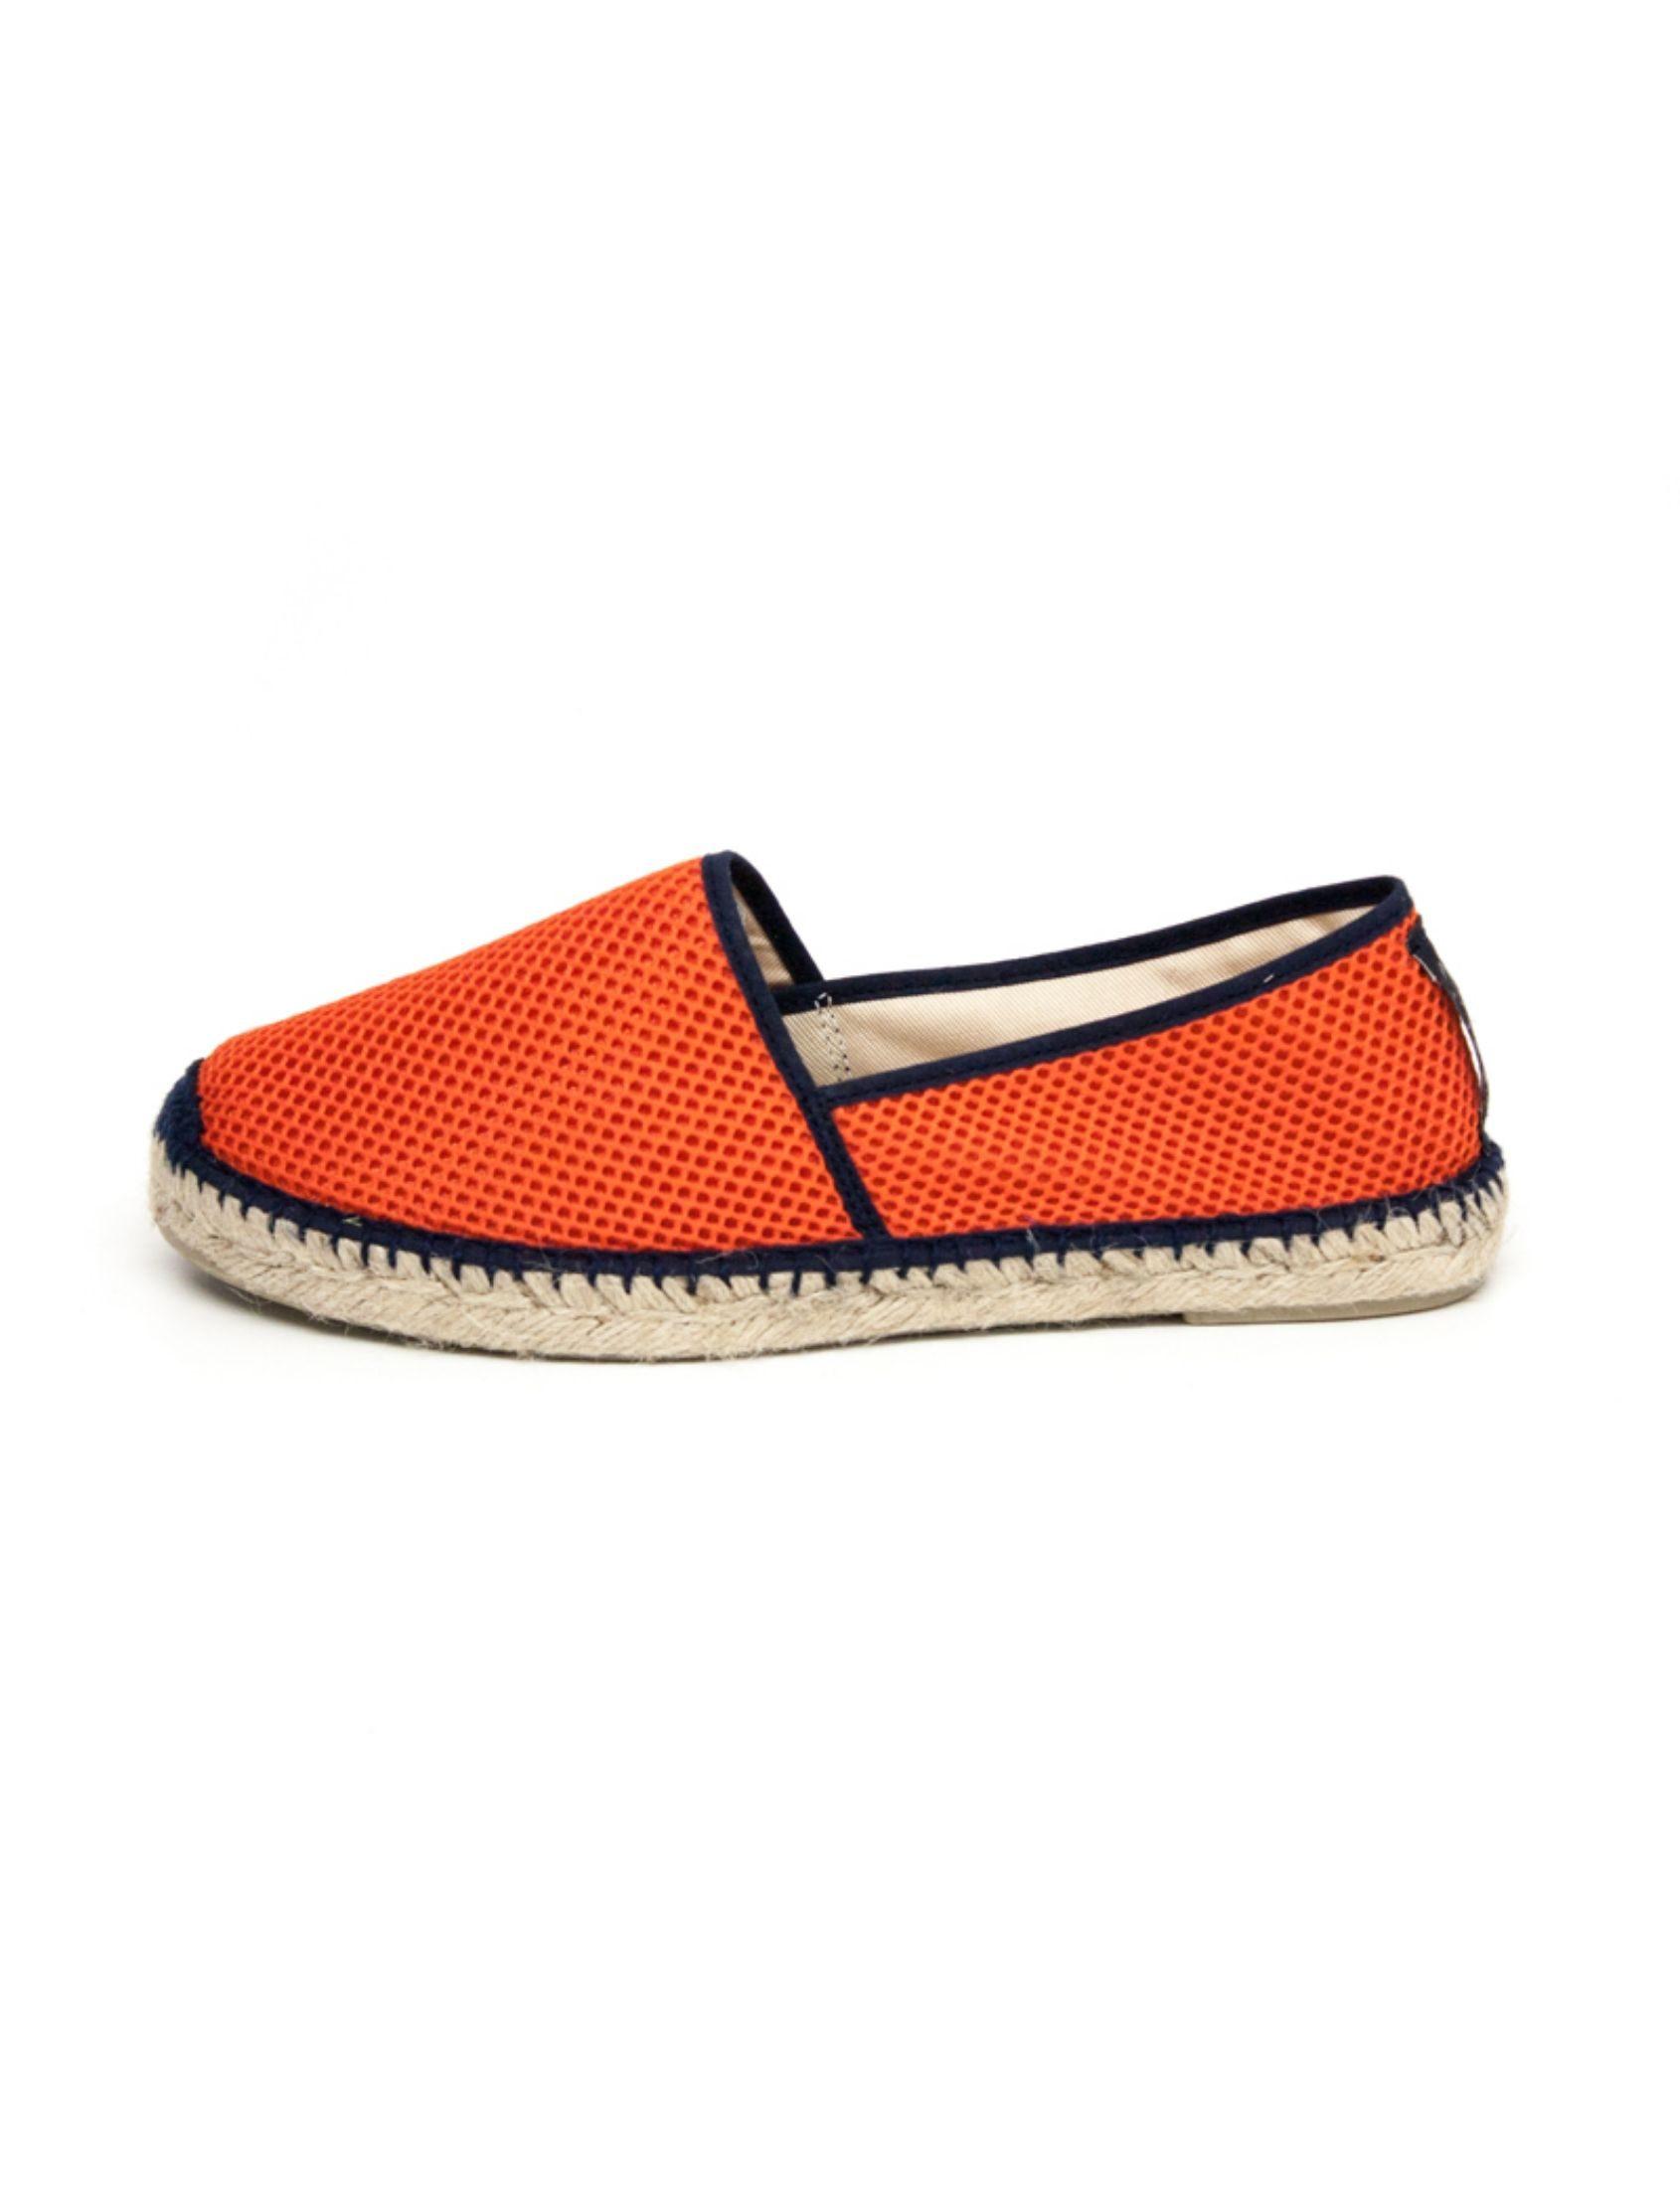 alpargata sport orange con tejido técnico y esparto diseño unisex